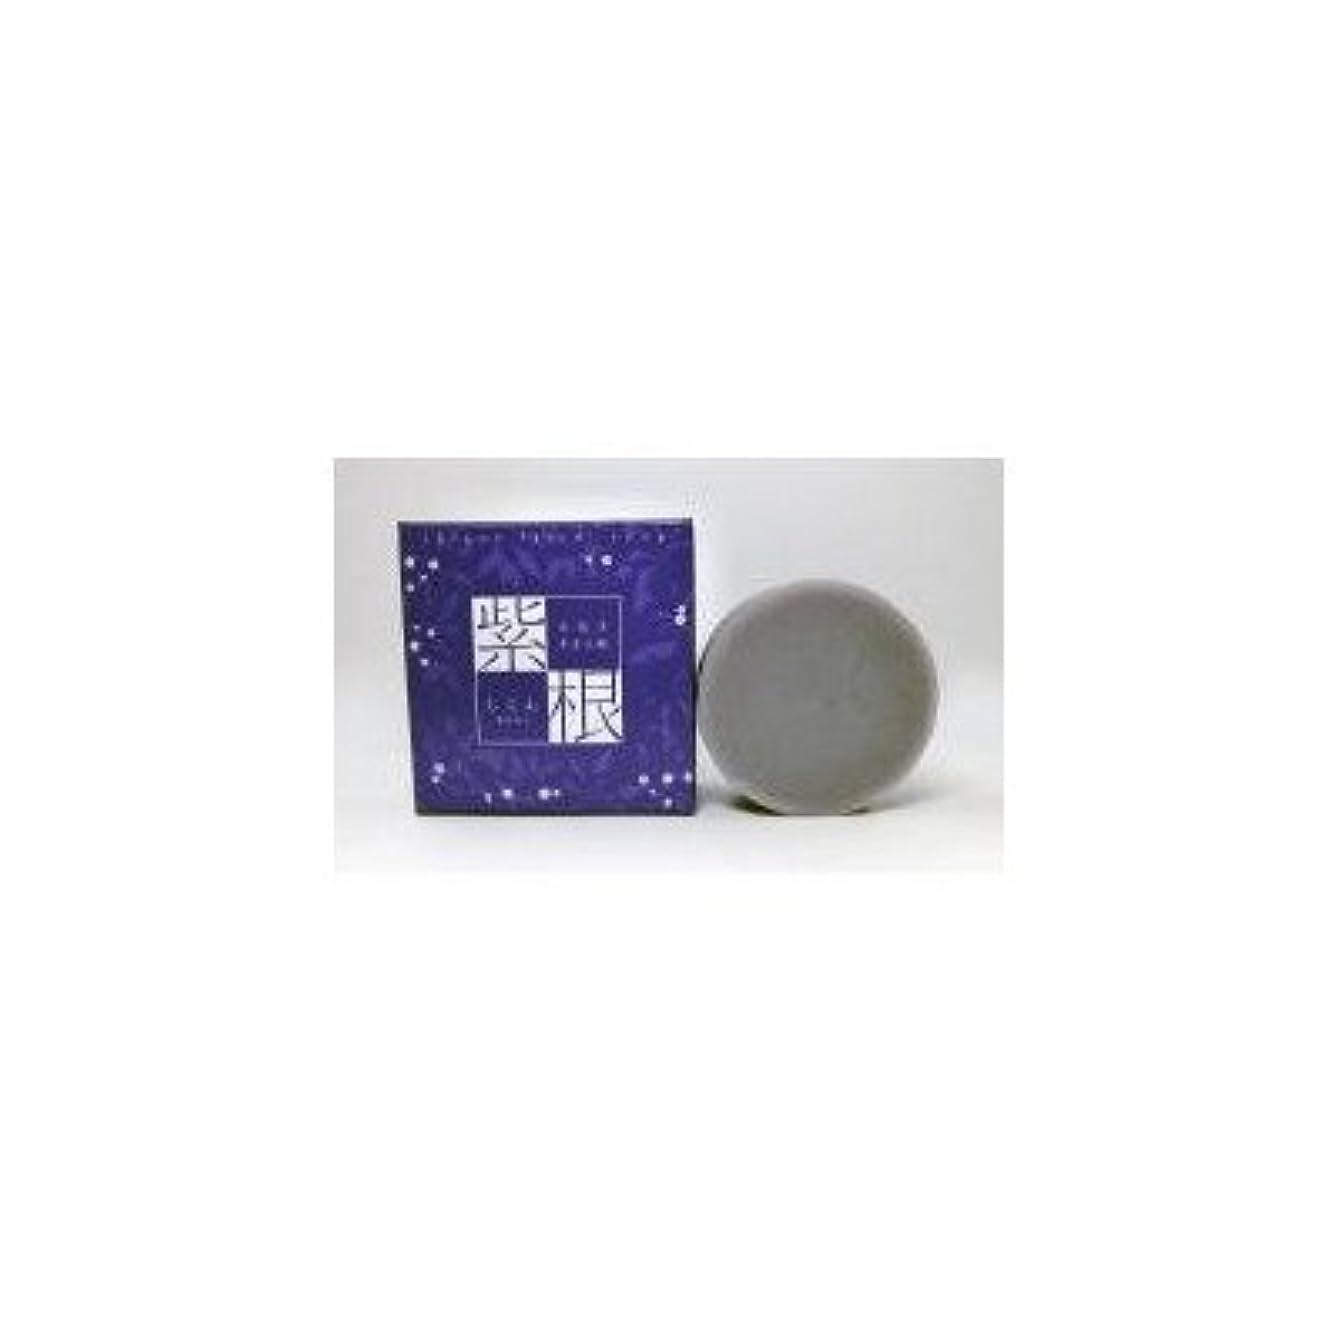 胚言語学オート紫根エキスをたっぷり配合した洗顔石鹸 紫根石鹸 100g×5個セット